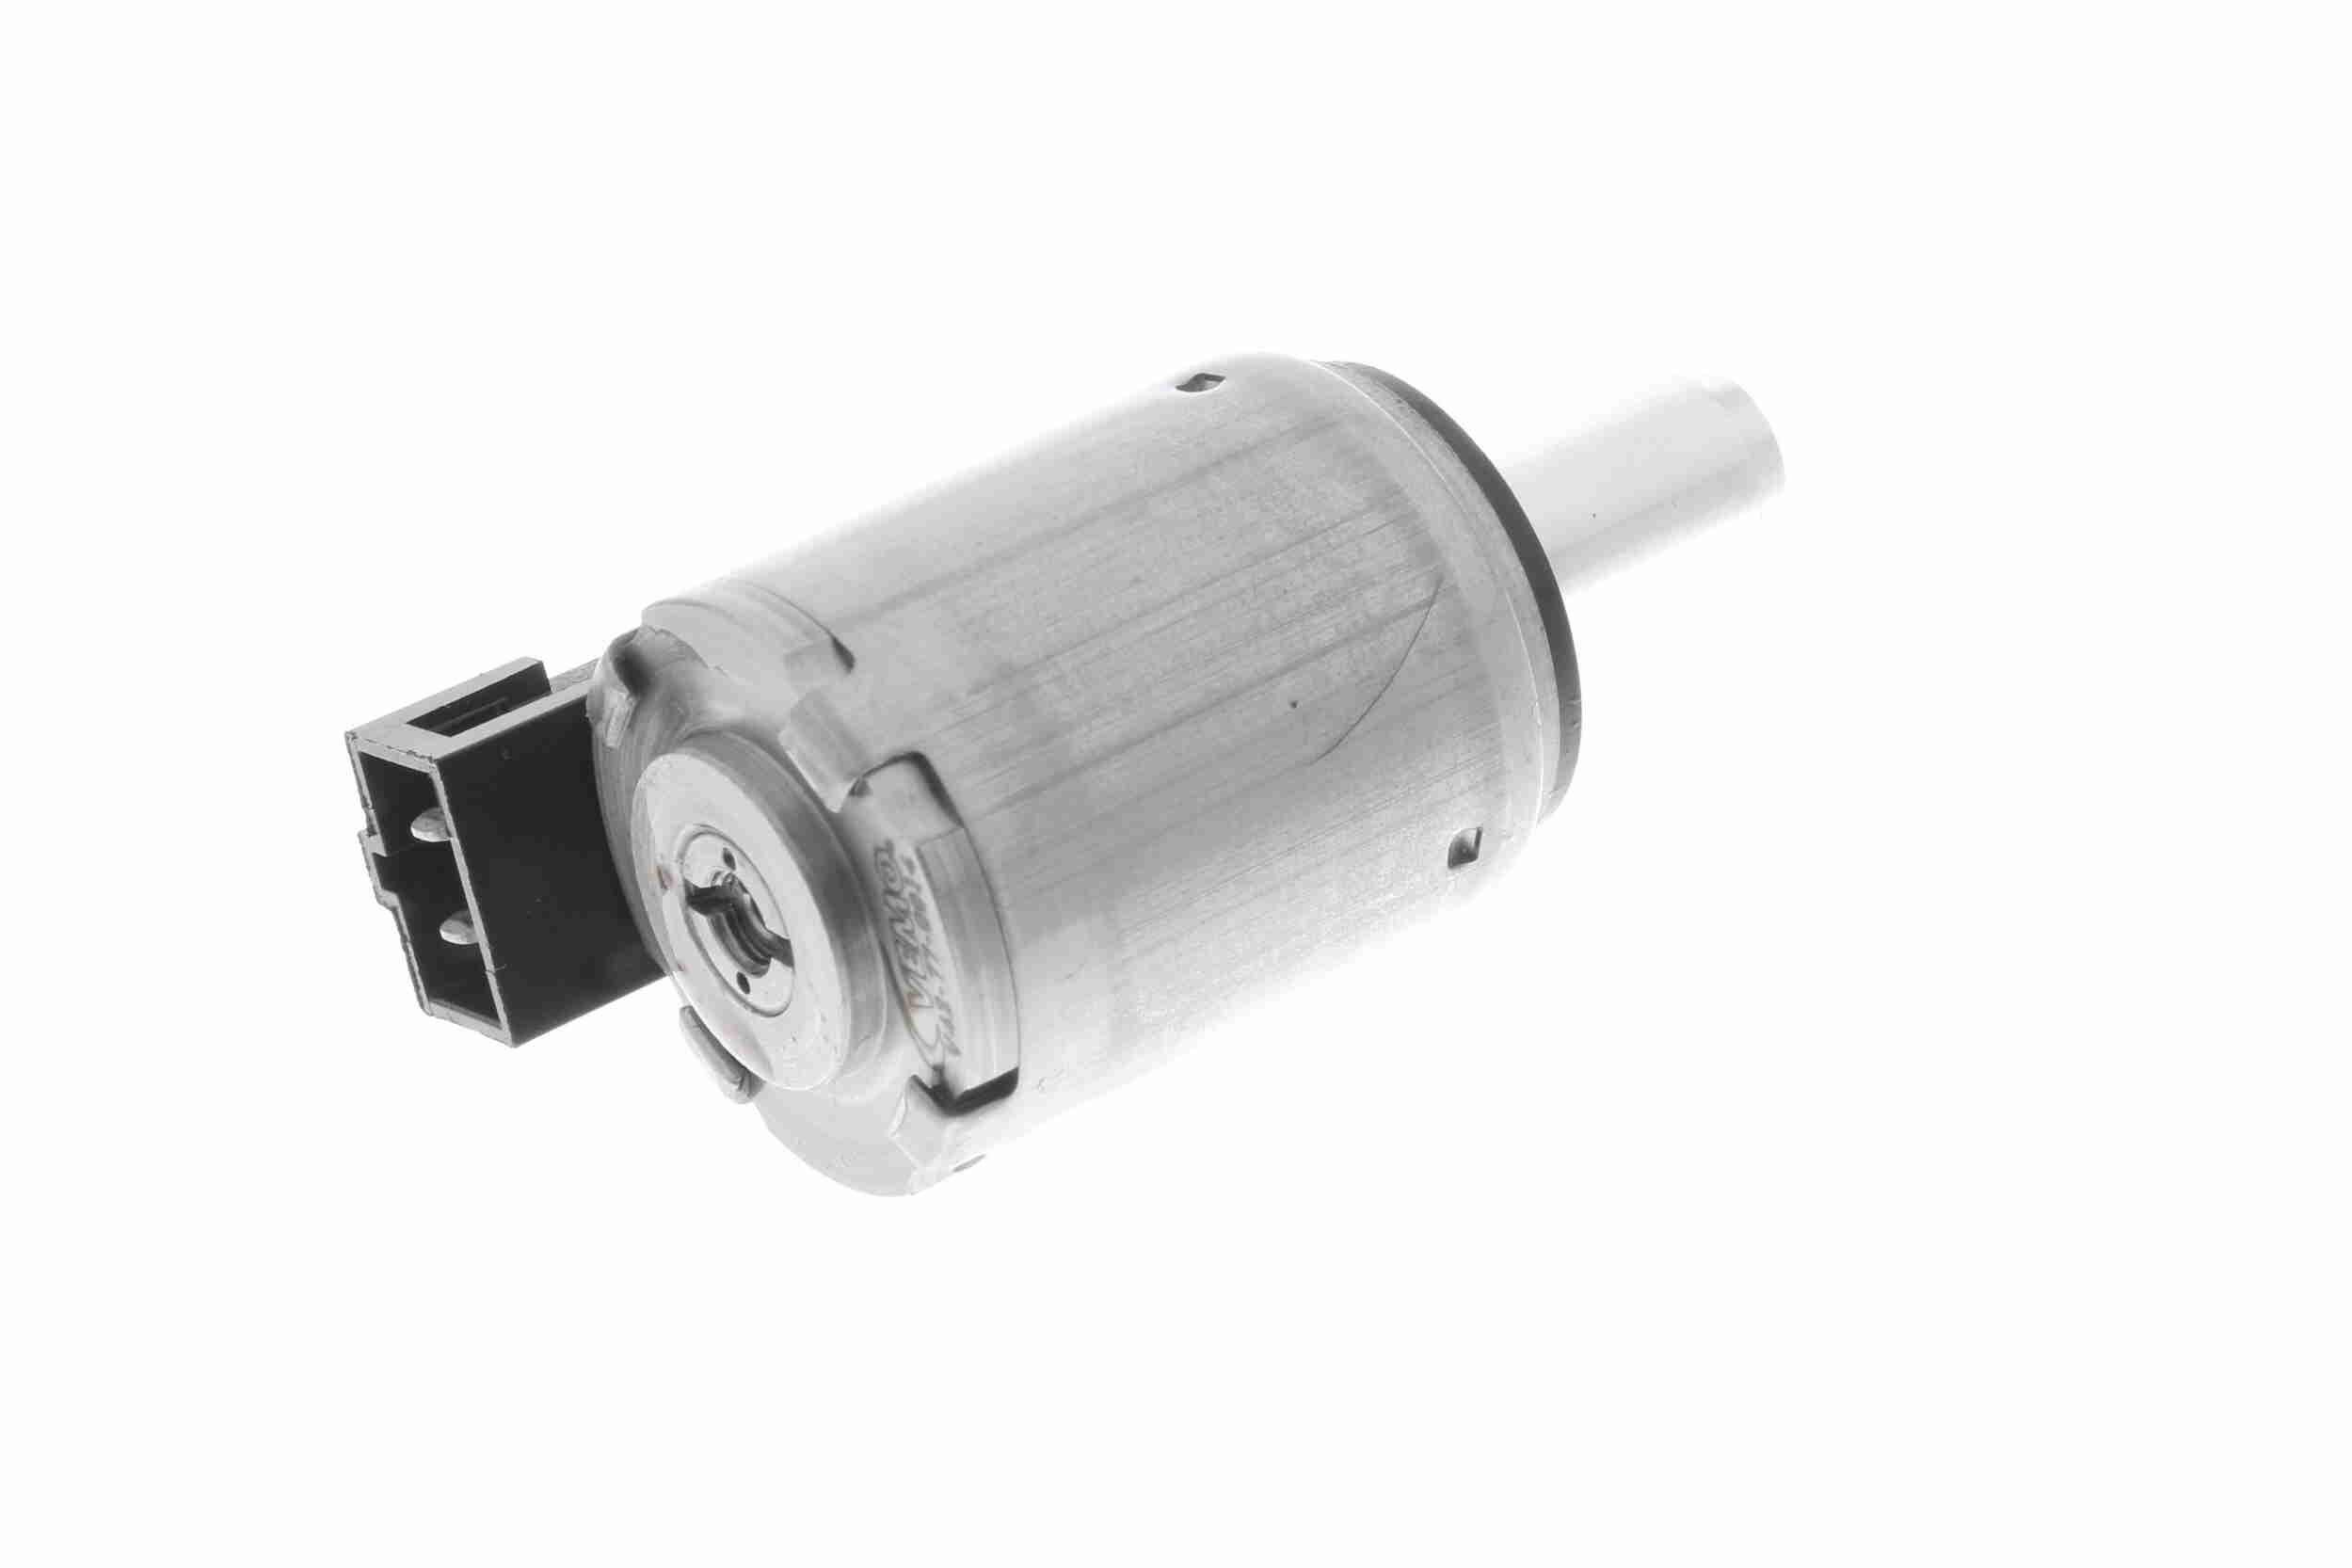 CITROËN C5 2015 Schaltventil, Automatikgetriebe - Original VEMO V42-77-0014